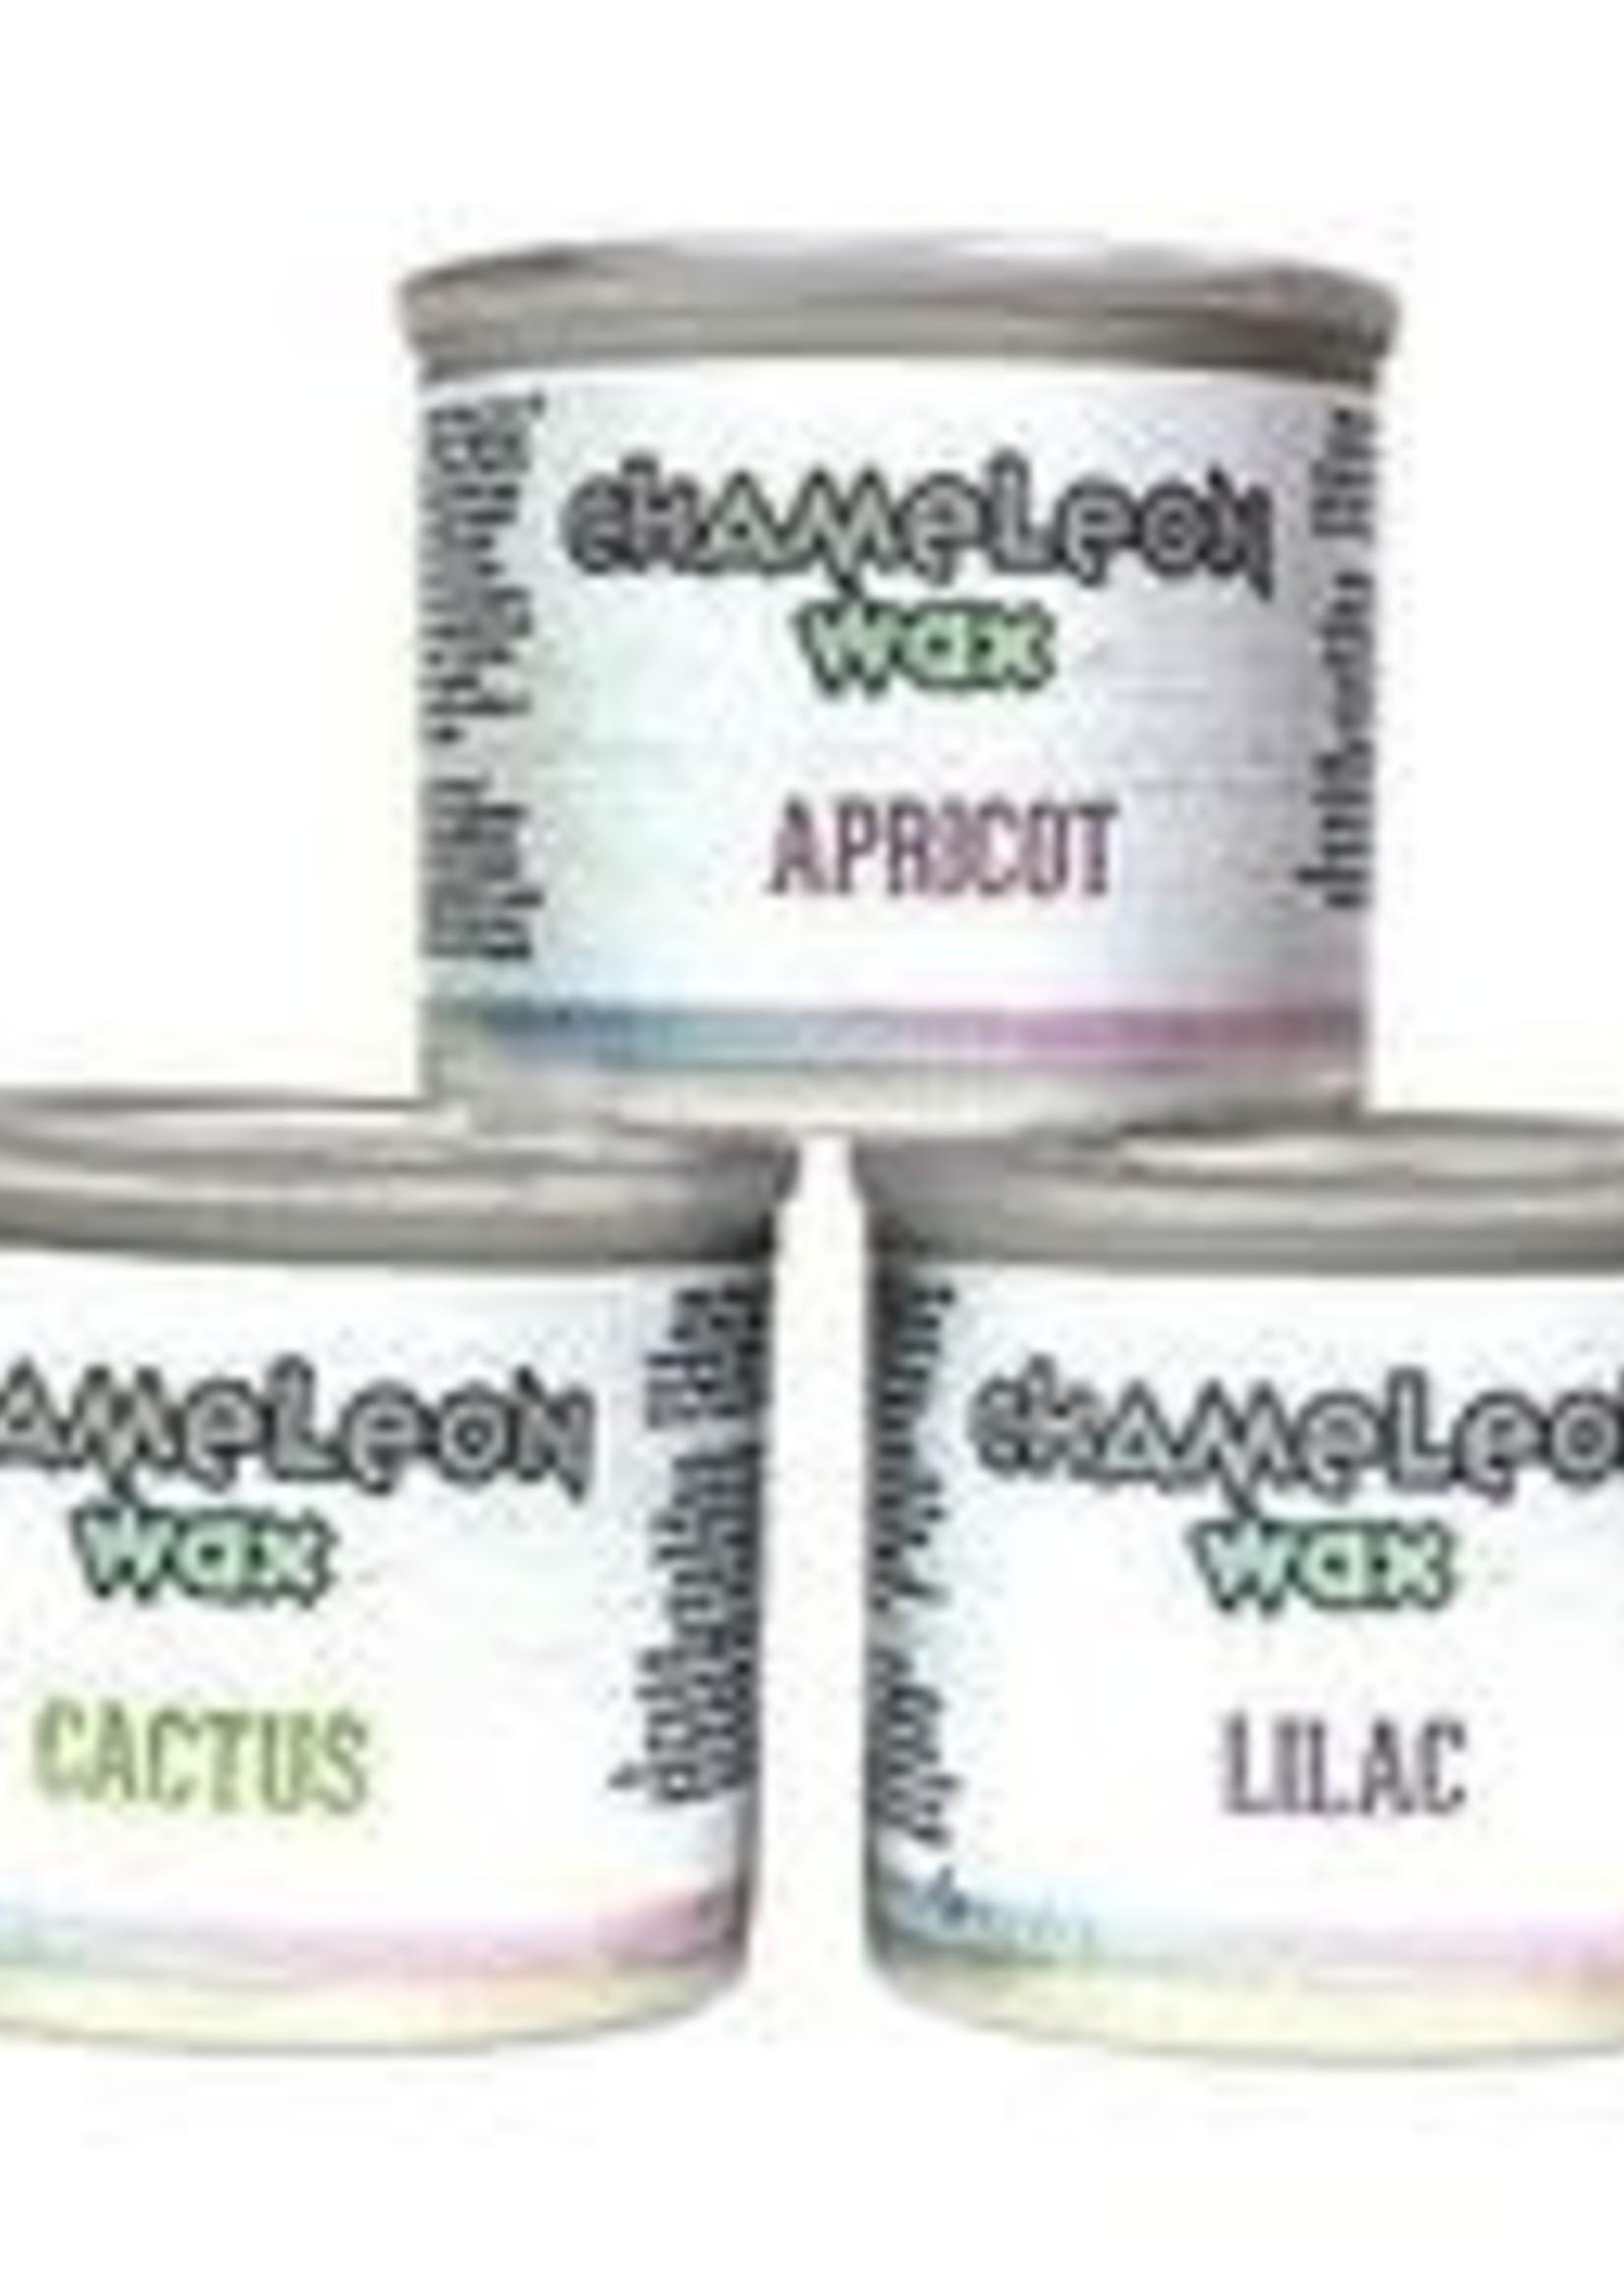 Chameleon Wax Cactus 40 ml